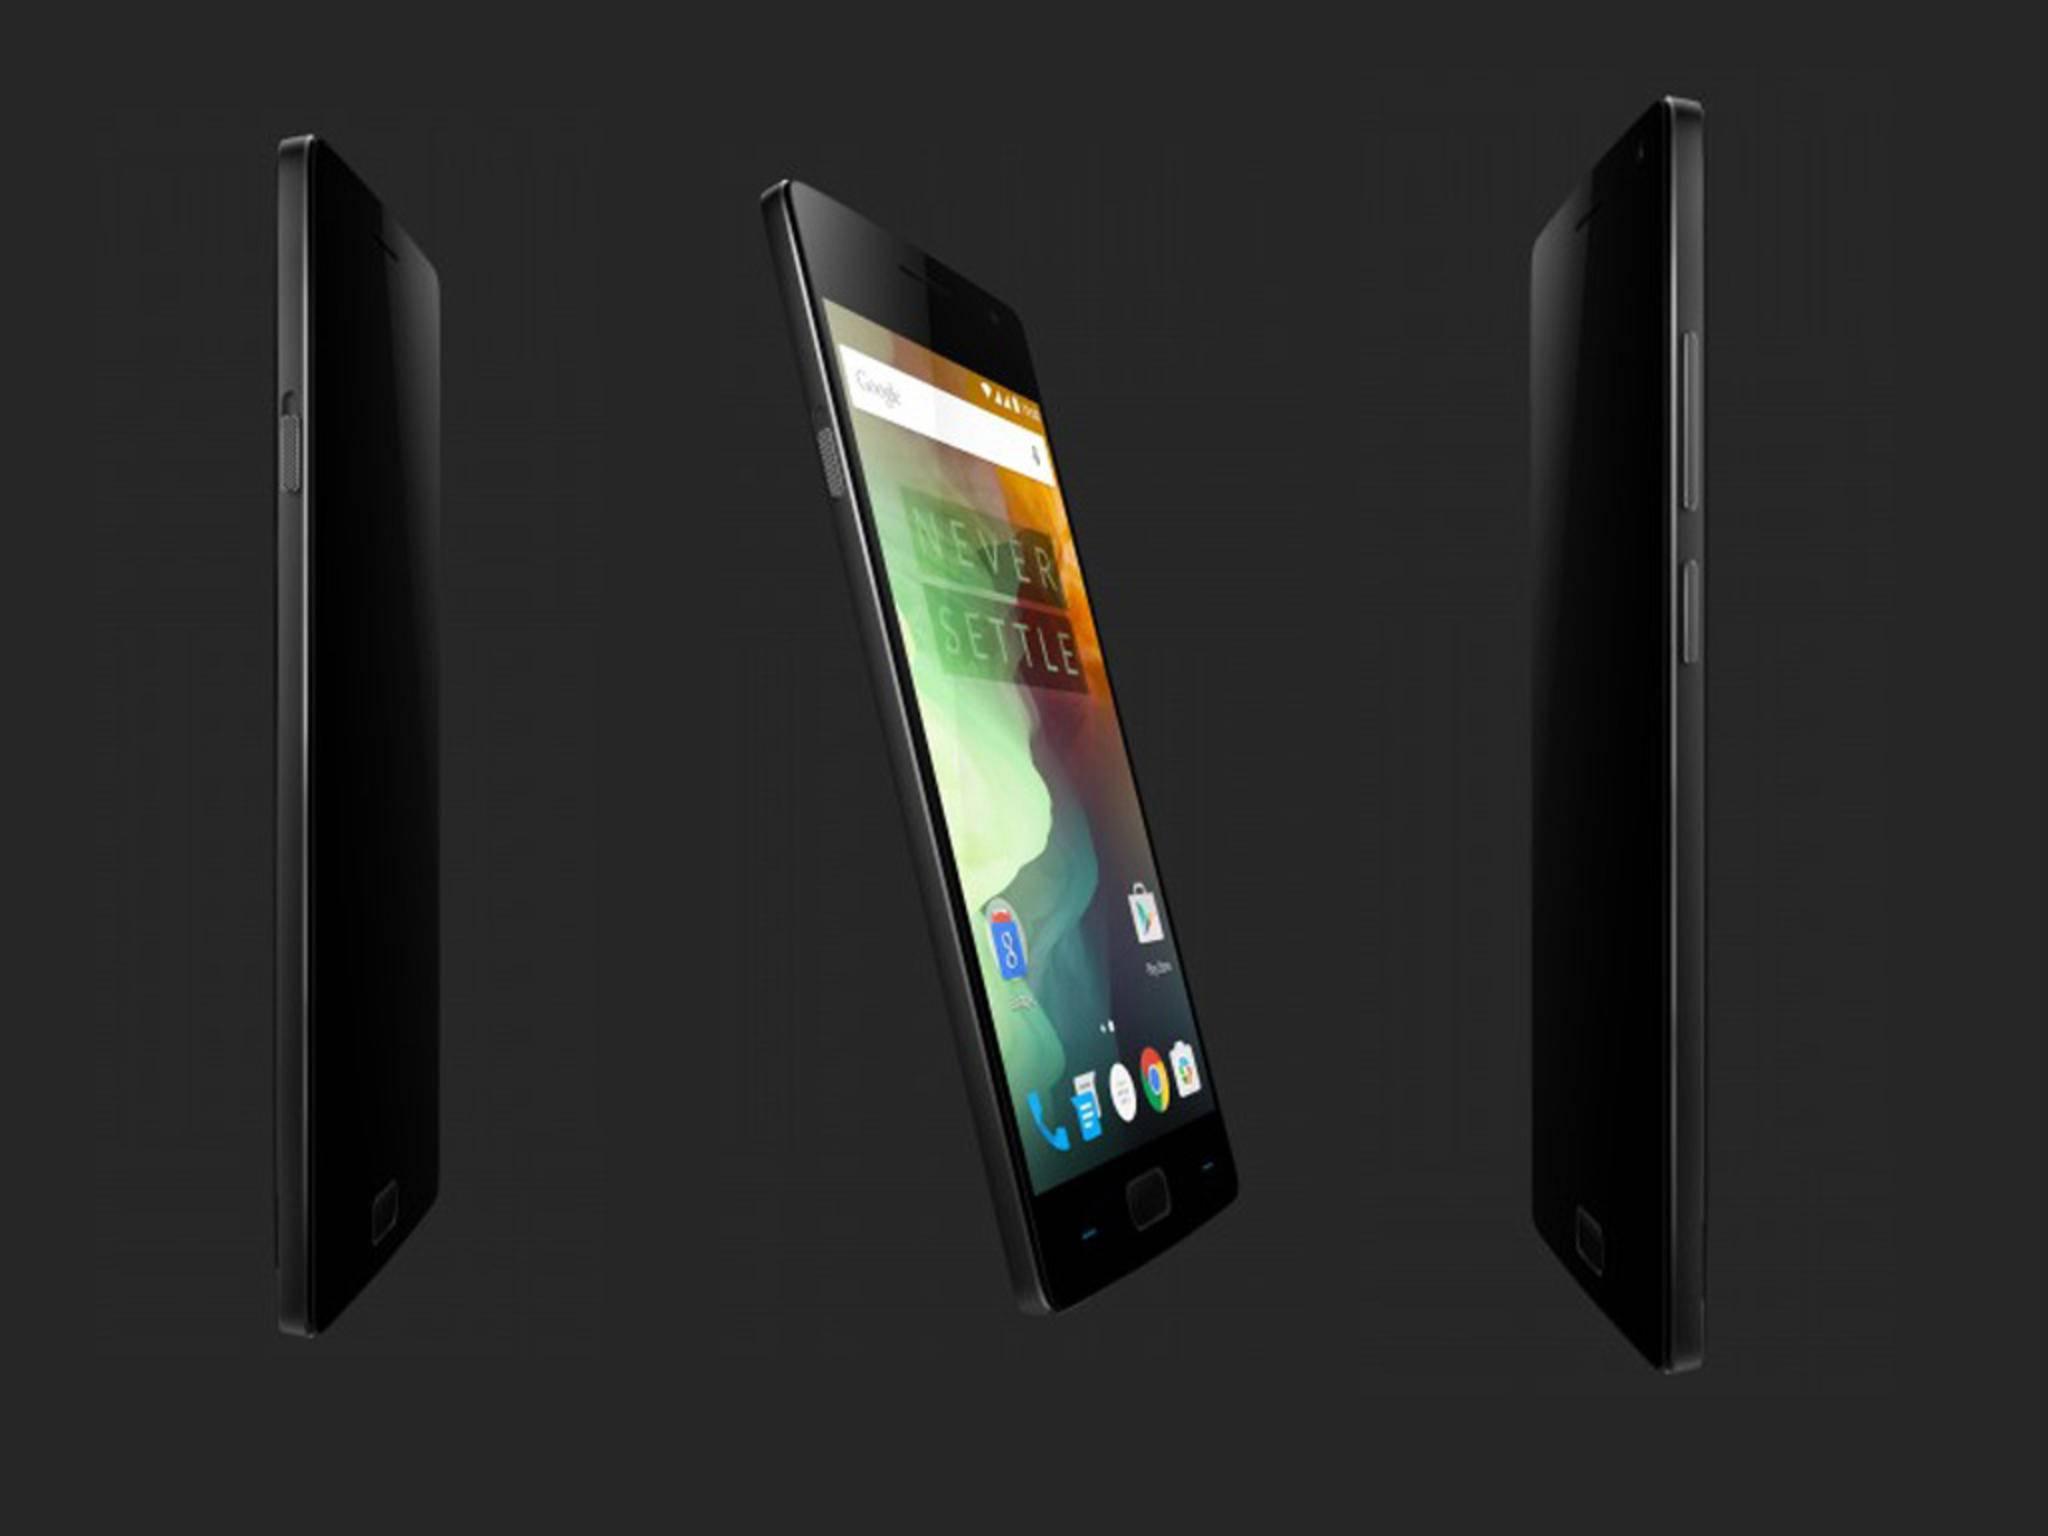 Das OnePlus 2 sieht stylish aus, ist aber nicht besonders dünn geraten.